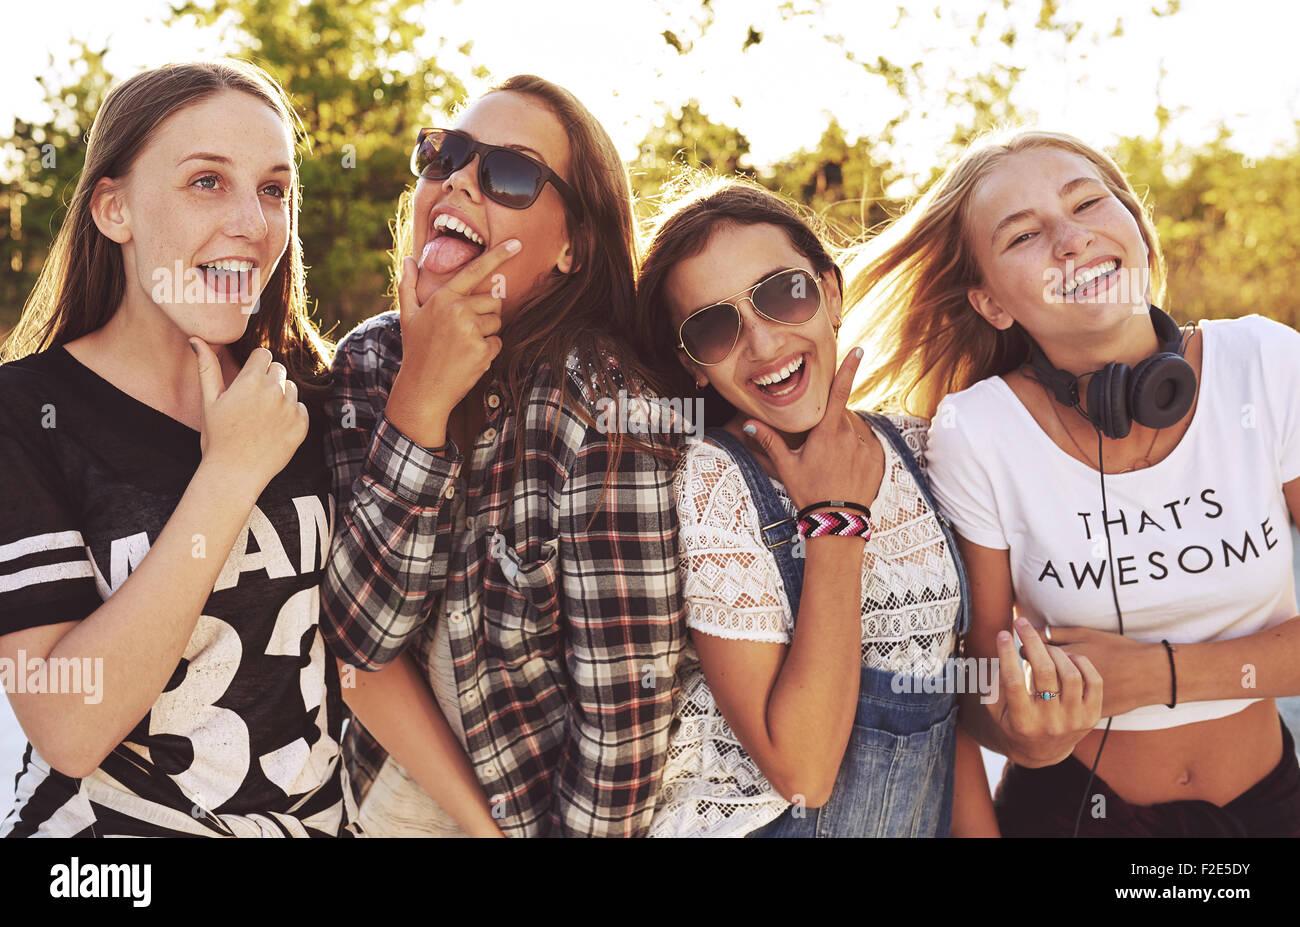 El grupo de niñas se burlan las expresiones a la cámara, fuera en un parque Imagen De Stock